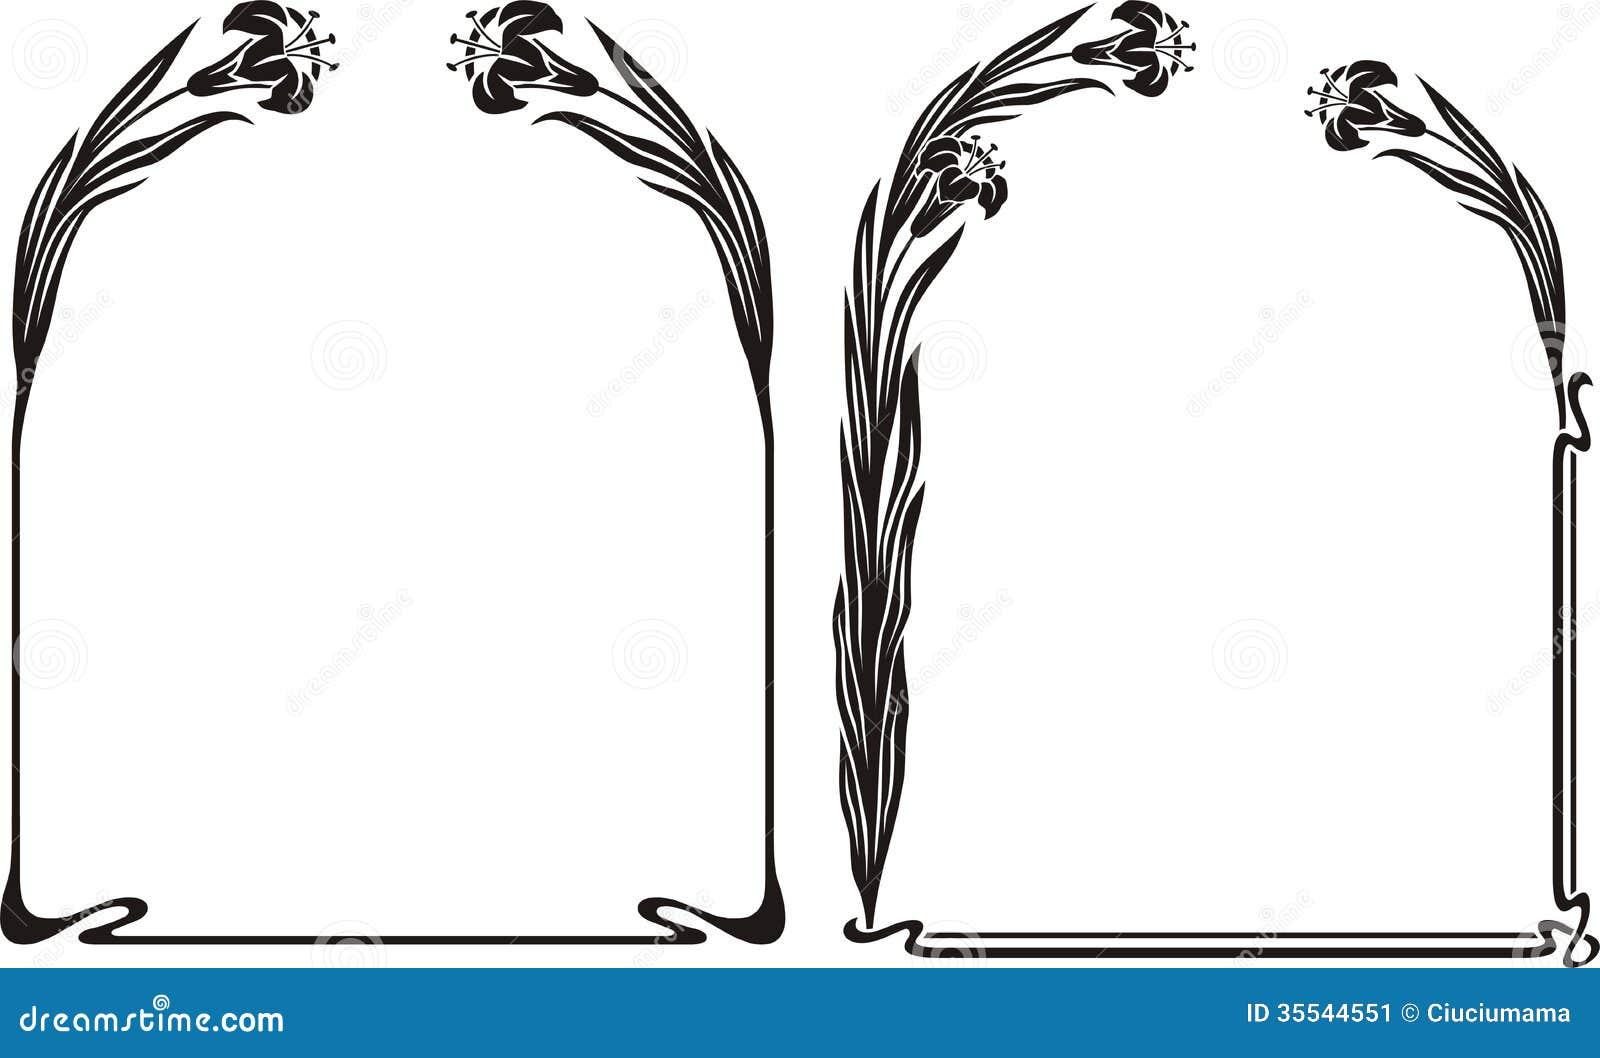 Art deco iris frame stock vector. Illustration of leaves - 35544551